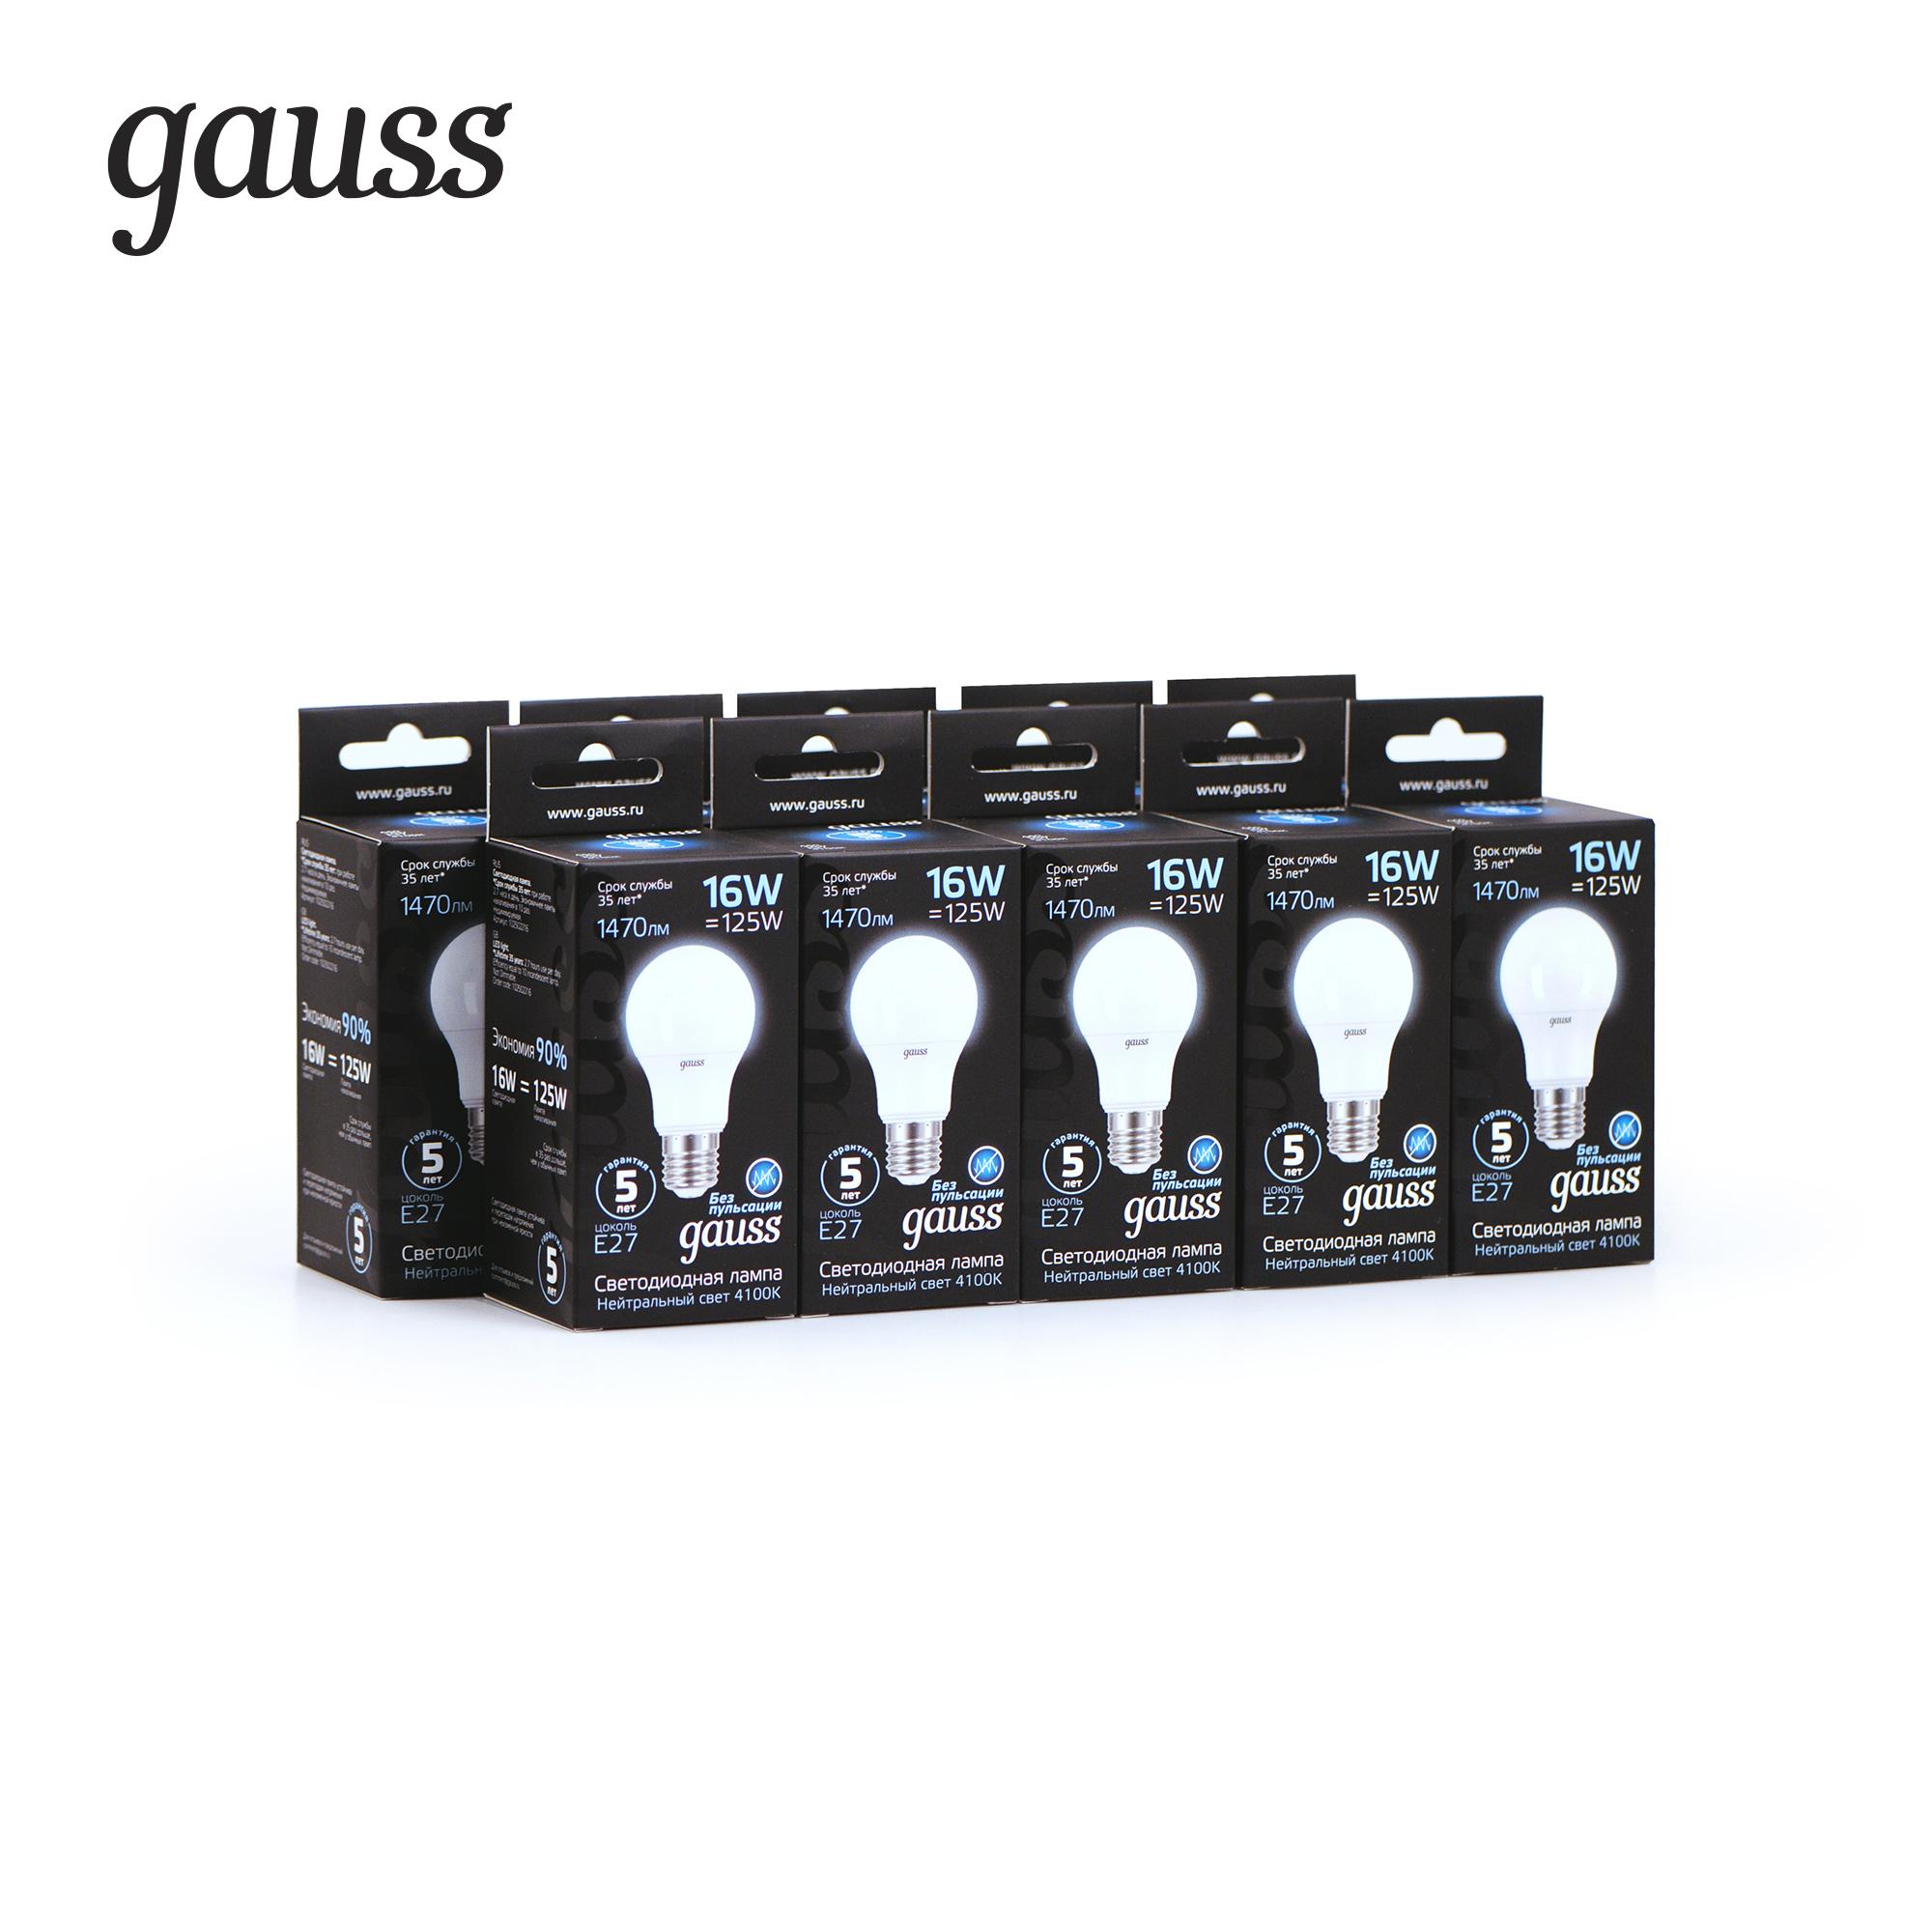 Светодиодная лампа Gauss 102502216 груша E27 16W, 4100K (холодный) CRI>90 150-265V, гарантия 5 лет - фото 3